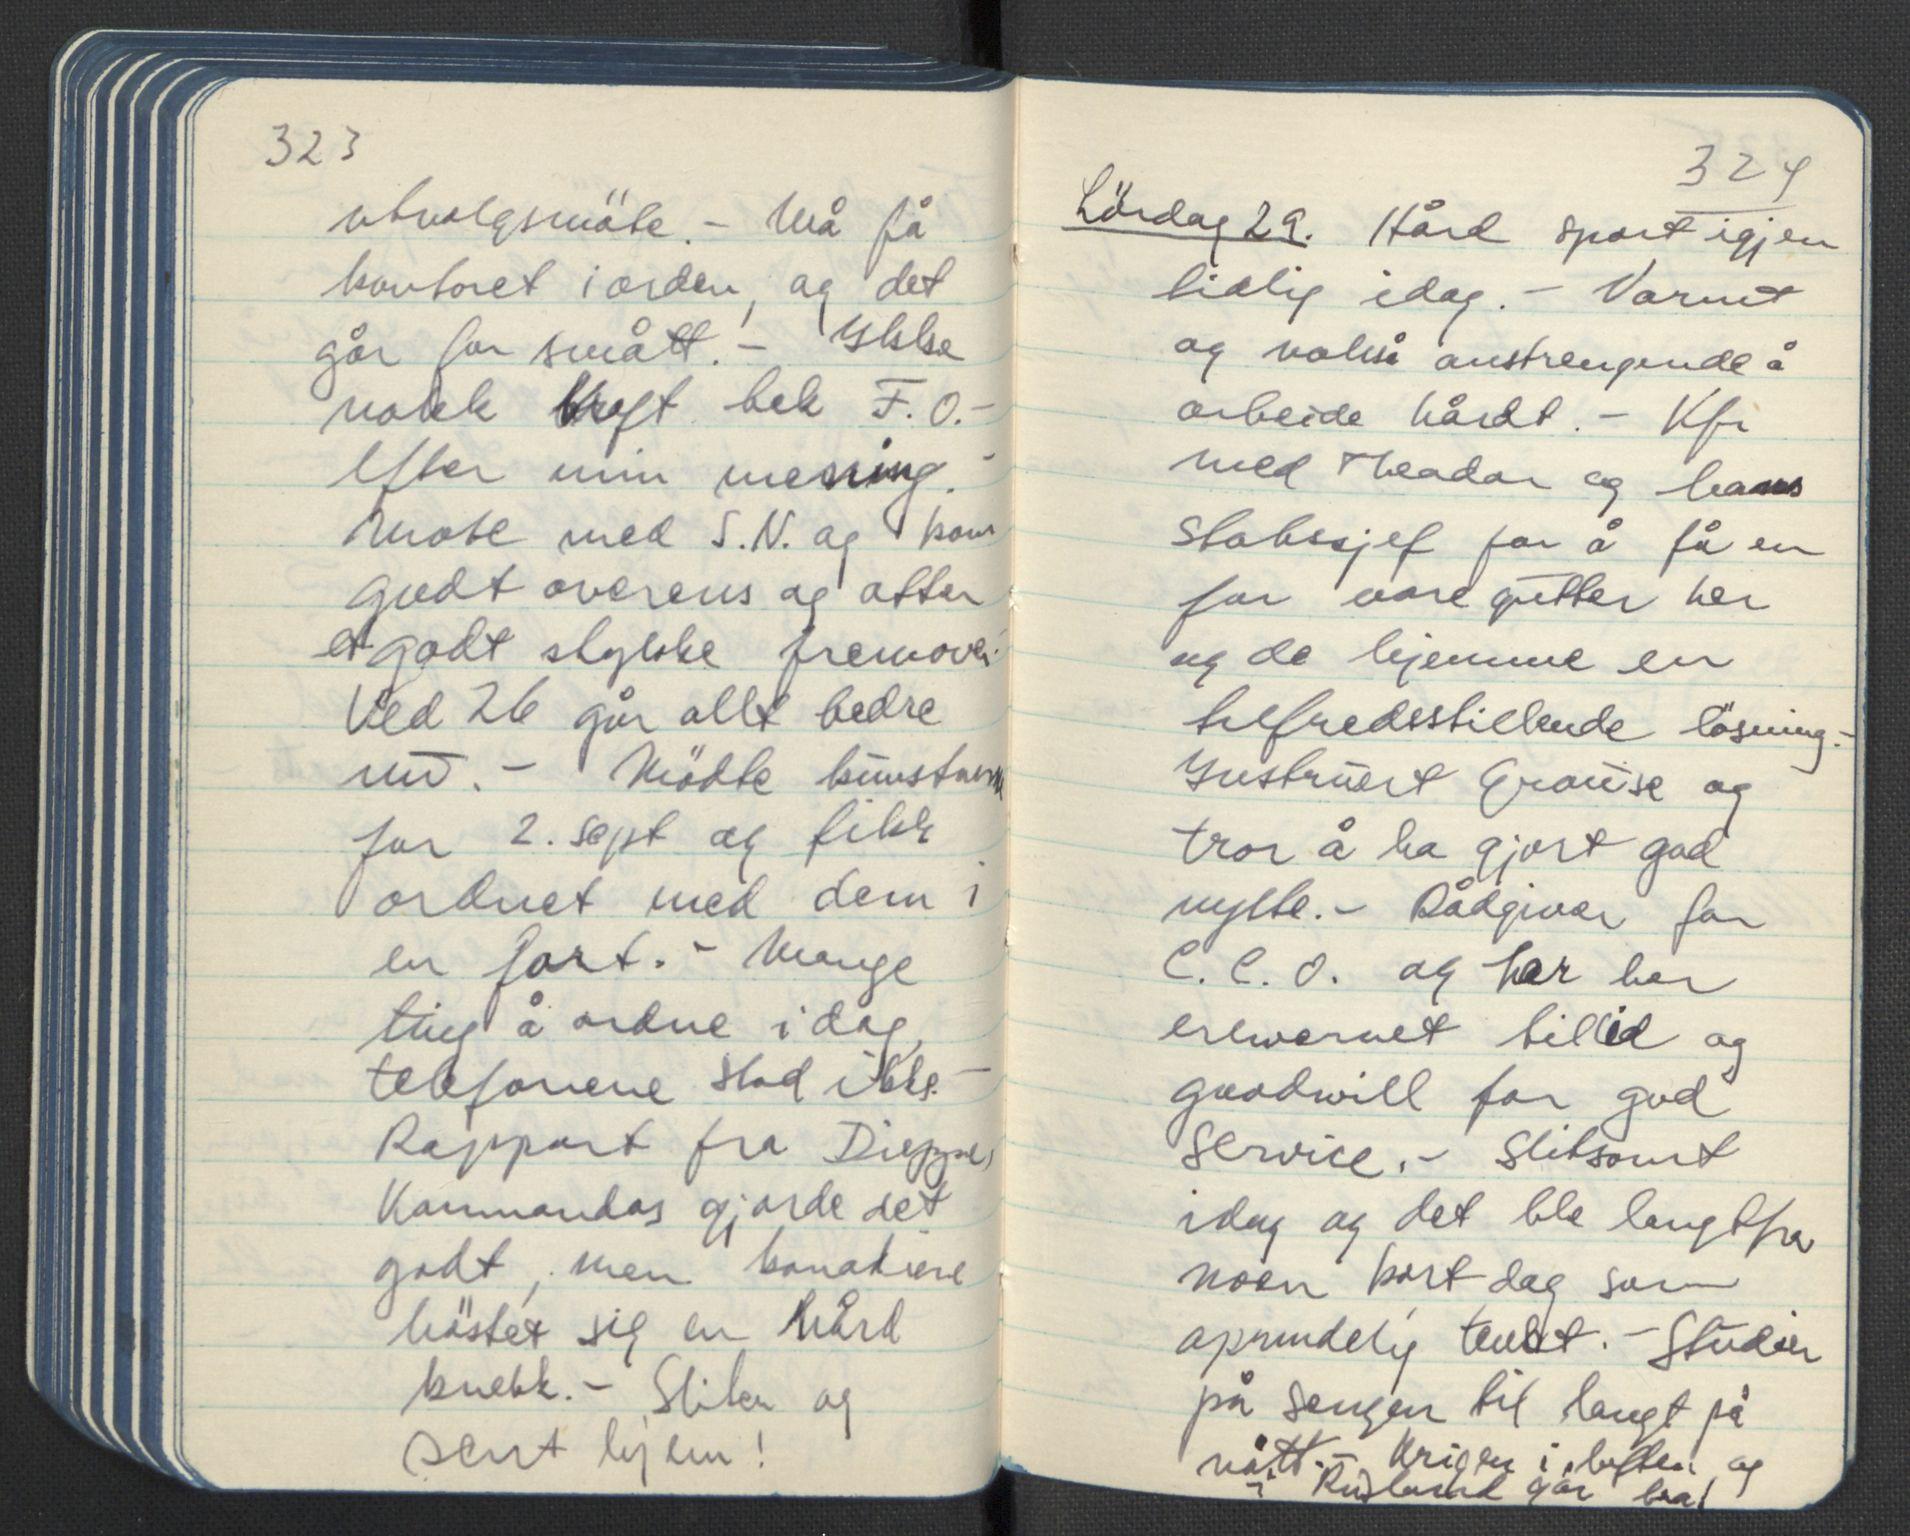 RA, Tronstad, Leif, F/L0001: Dagbøker, 1941-1945, s. 246